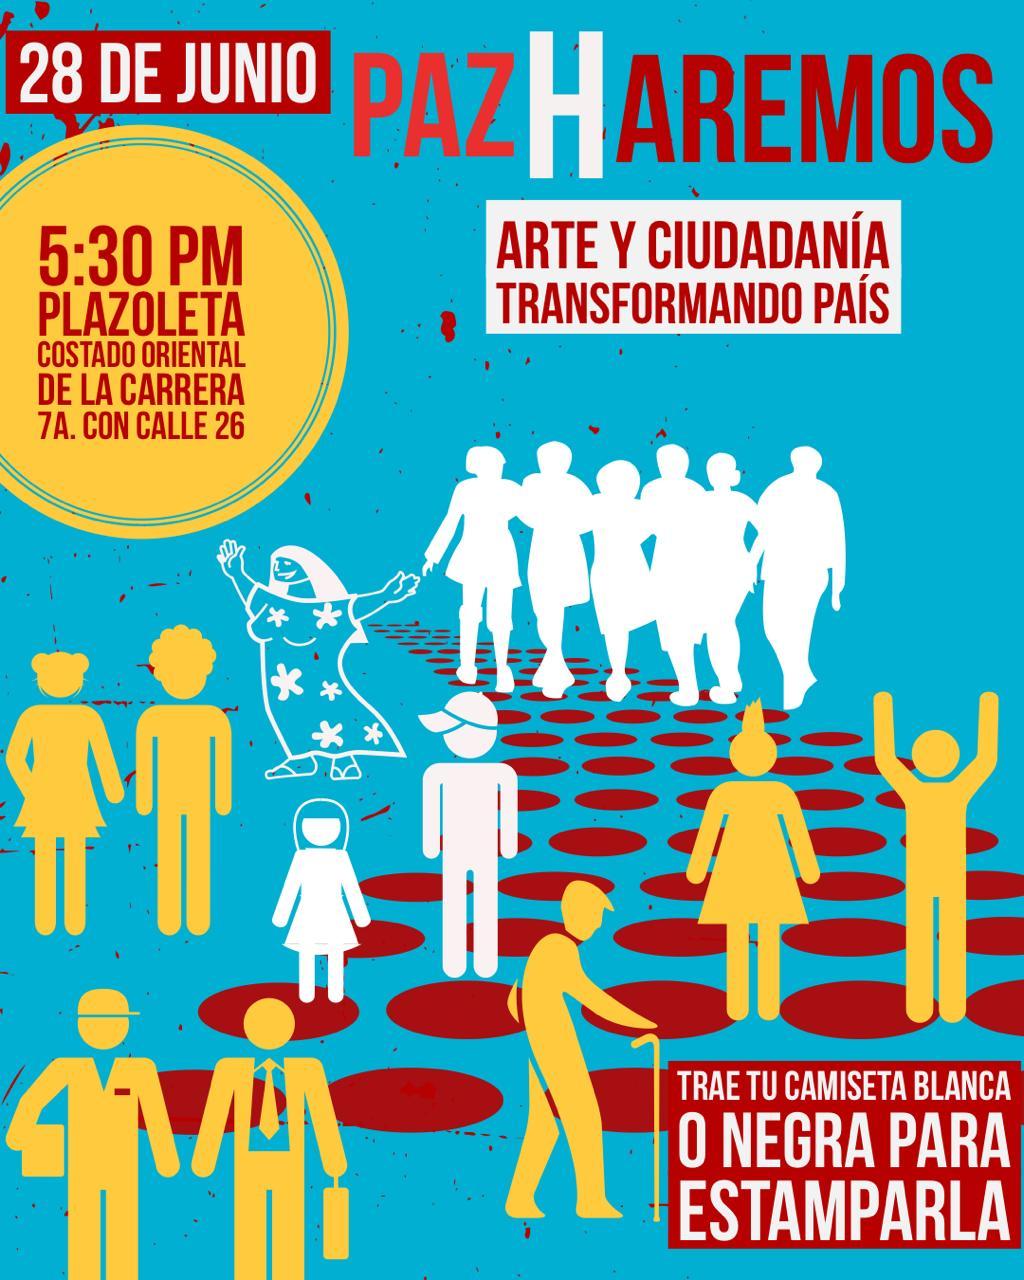 Paz Haremos: arte y ciudadanía transformando país